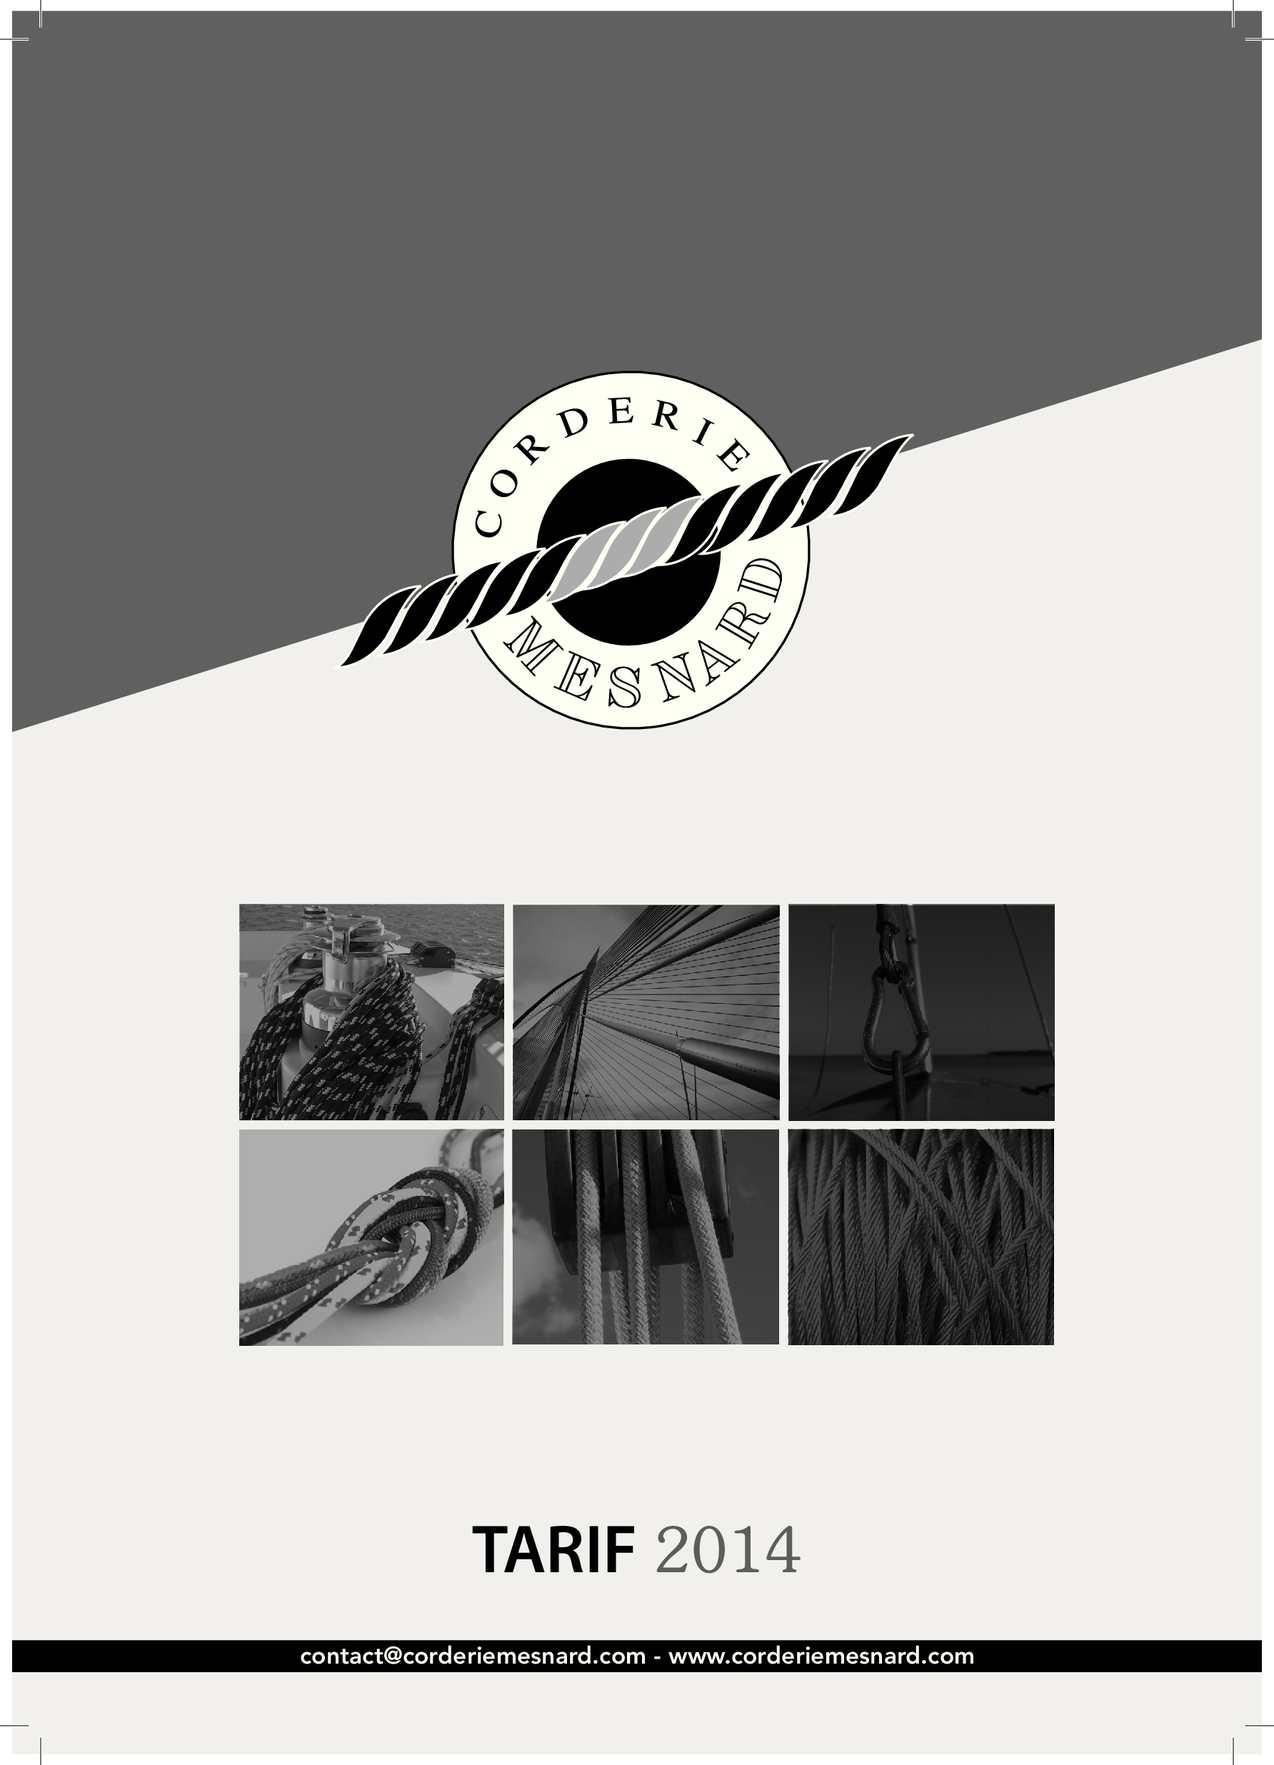 284Yard 1 mm 150D cire cordes Cordon /à coudre Craft outil portable pour cuir diy Artisanat Produits perlage Brochage main 1 Bleu fonc/é Flexzion Sujet plat cir/ée